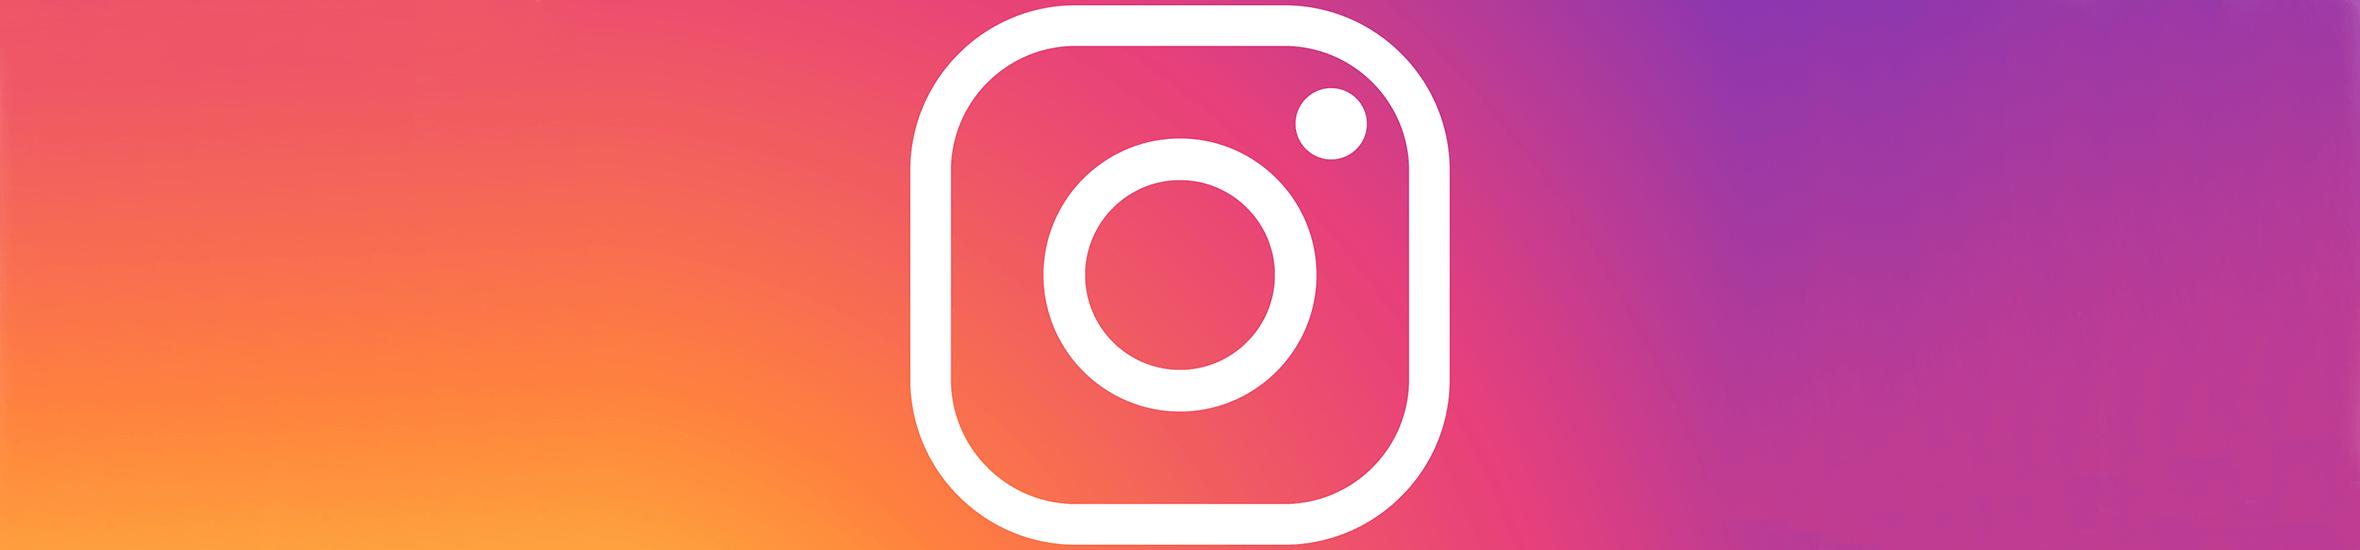 La publicité Instagram : inspirante et engageante